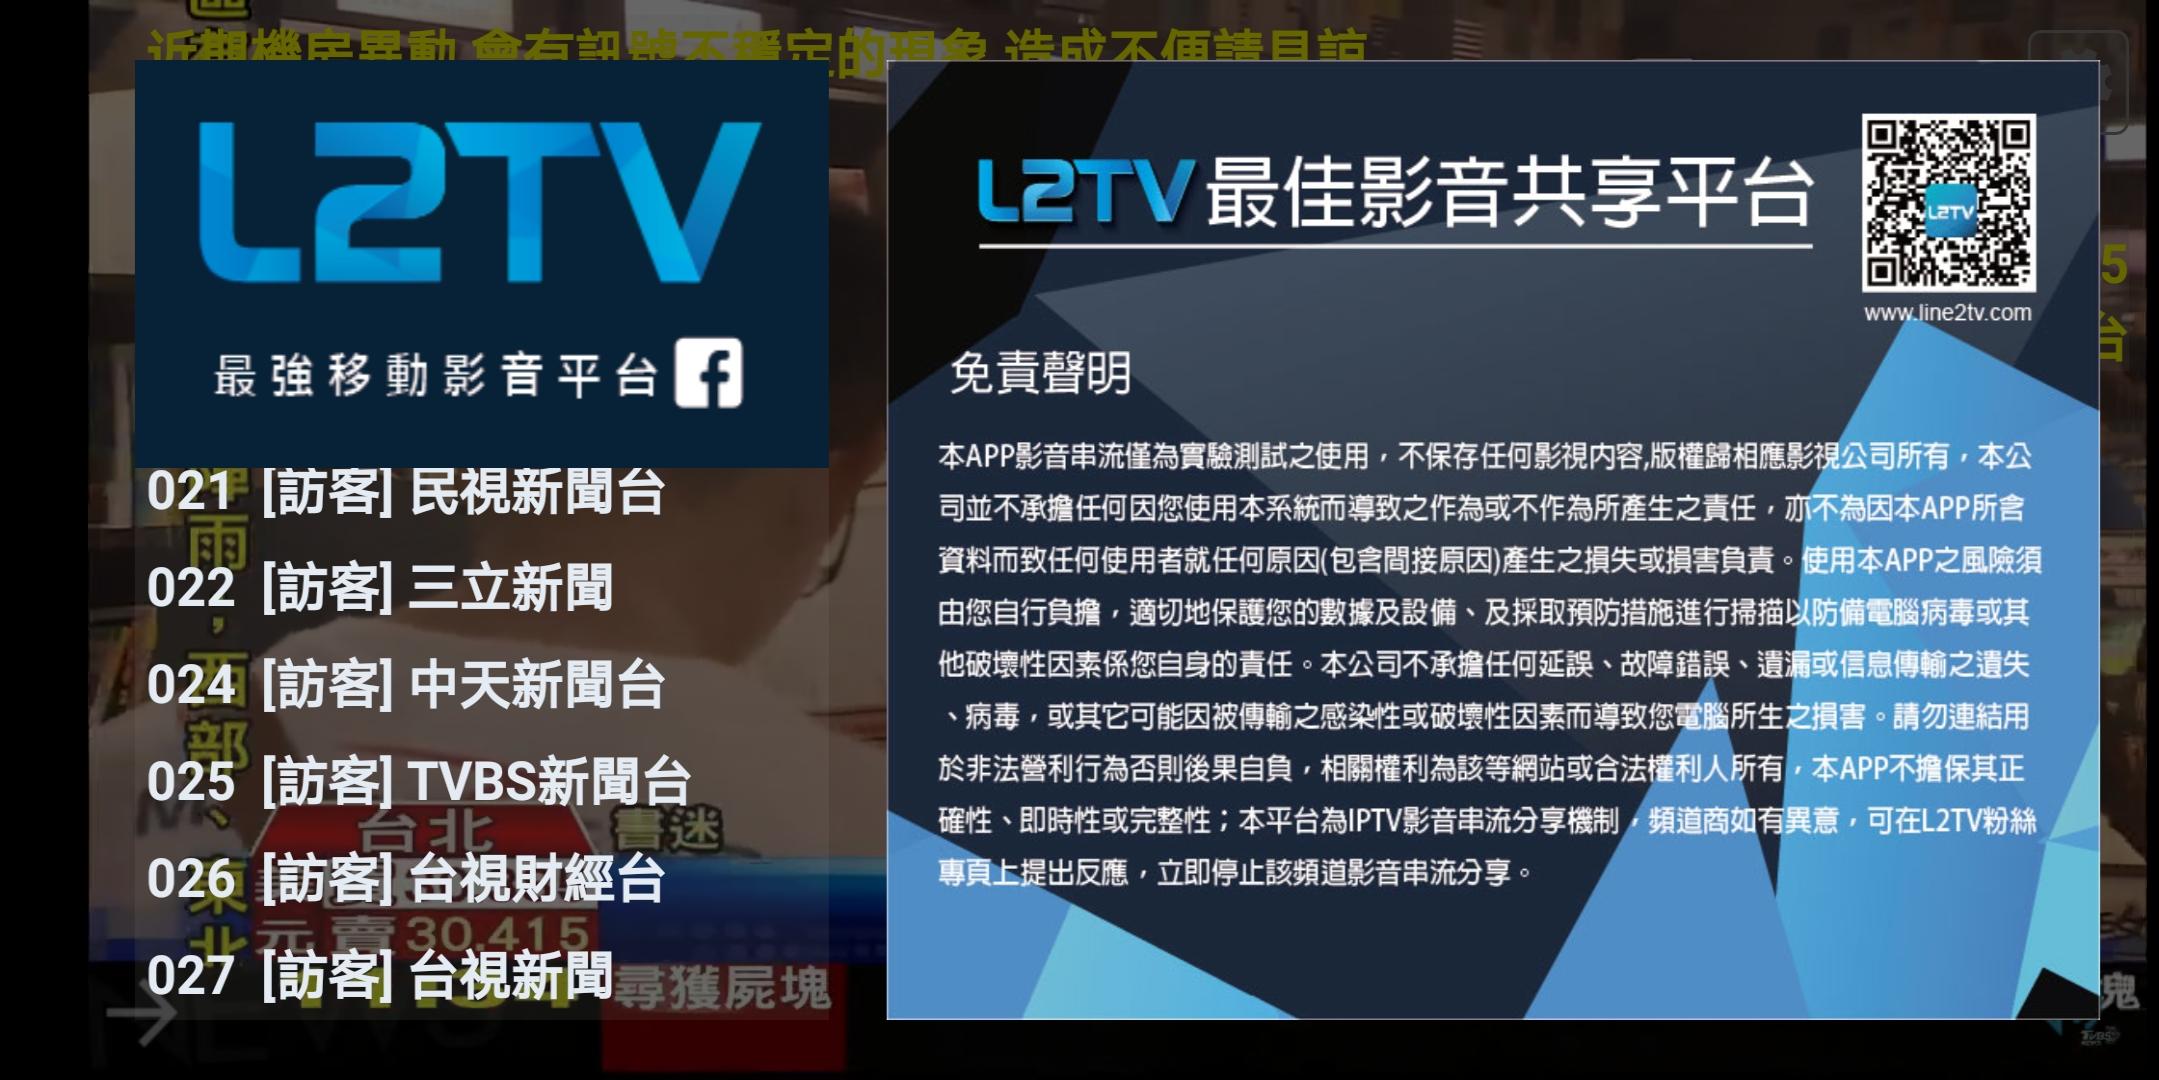 L2TV 2.0.14 APK